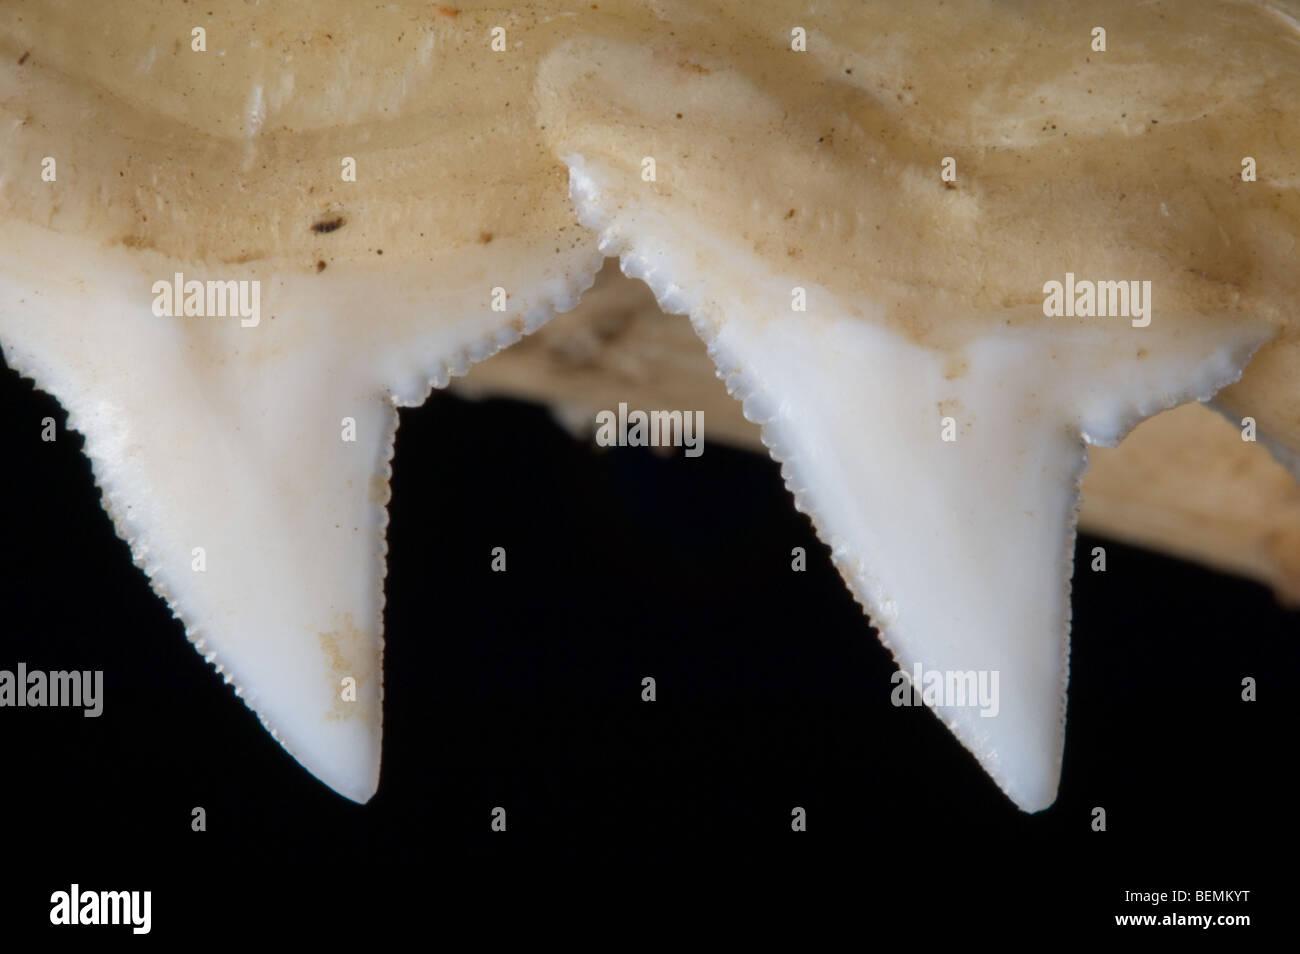 Mâchoire supérieure requin montrant les dents de scie, Madagascar Banque D'Images